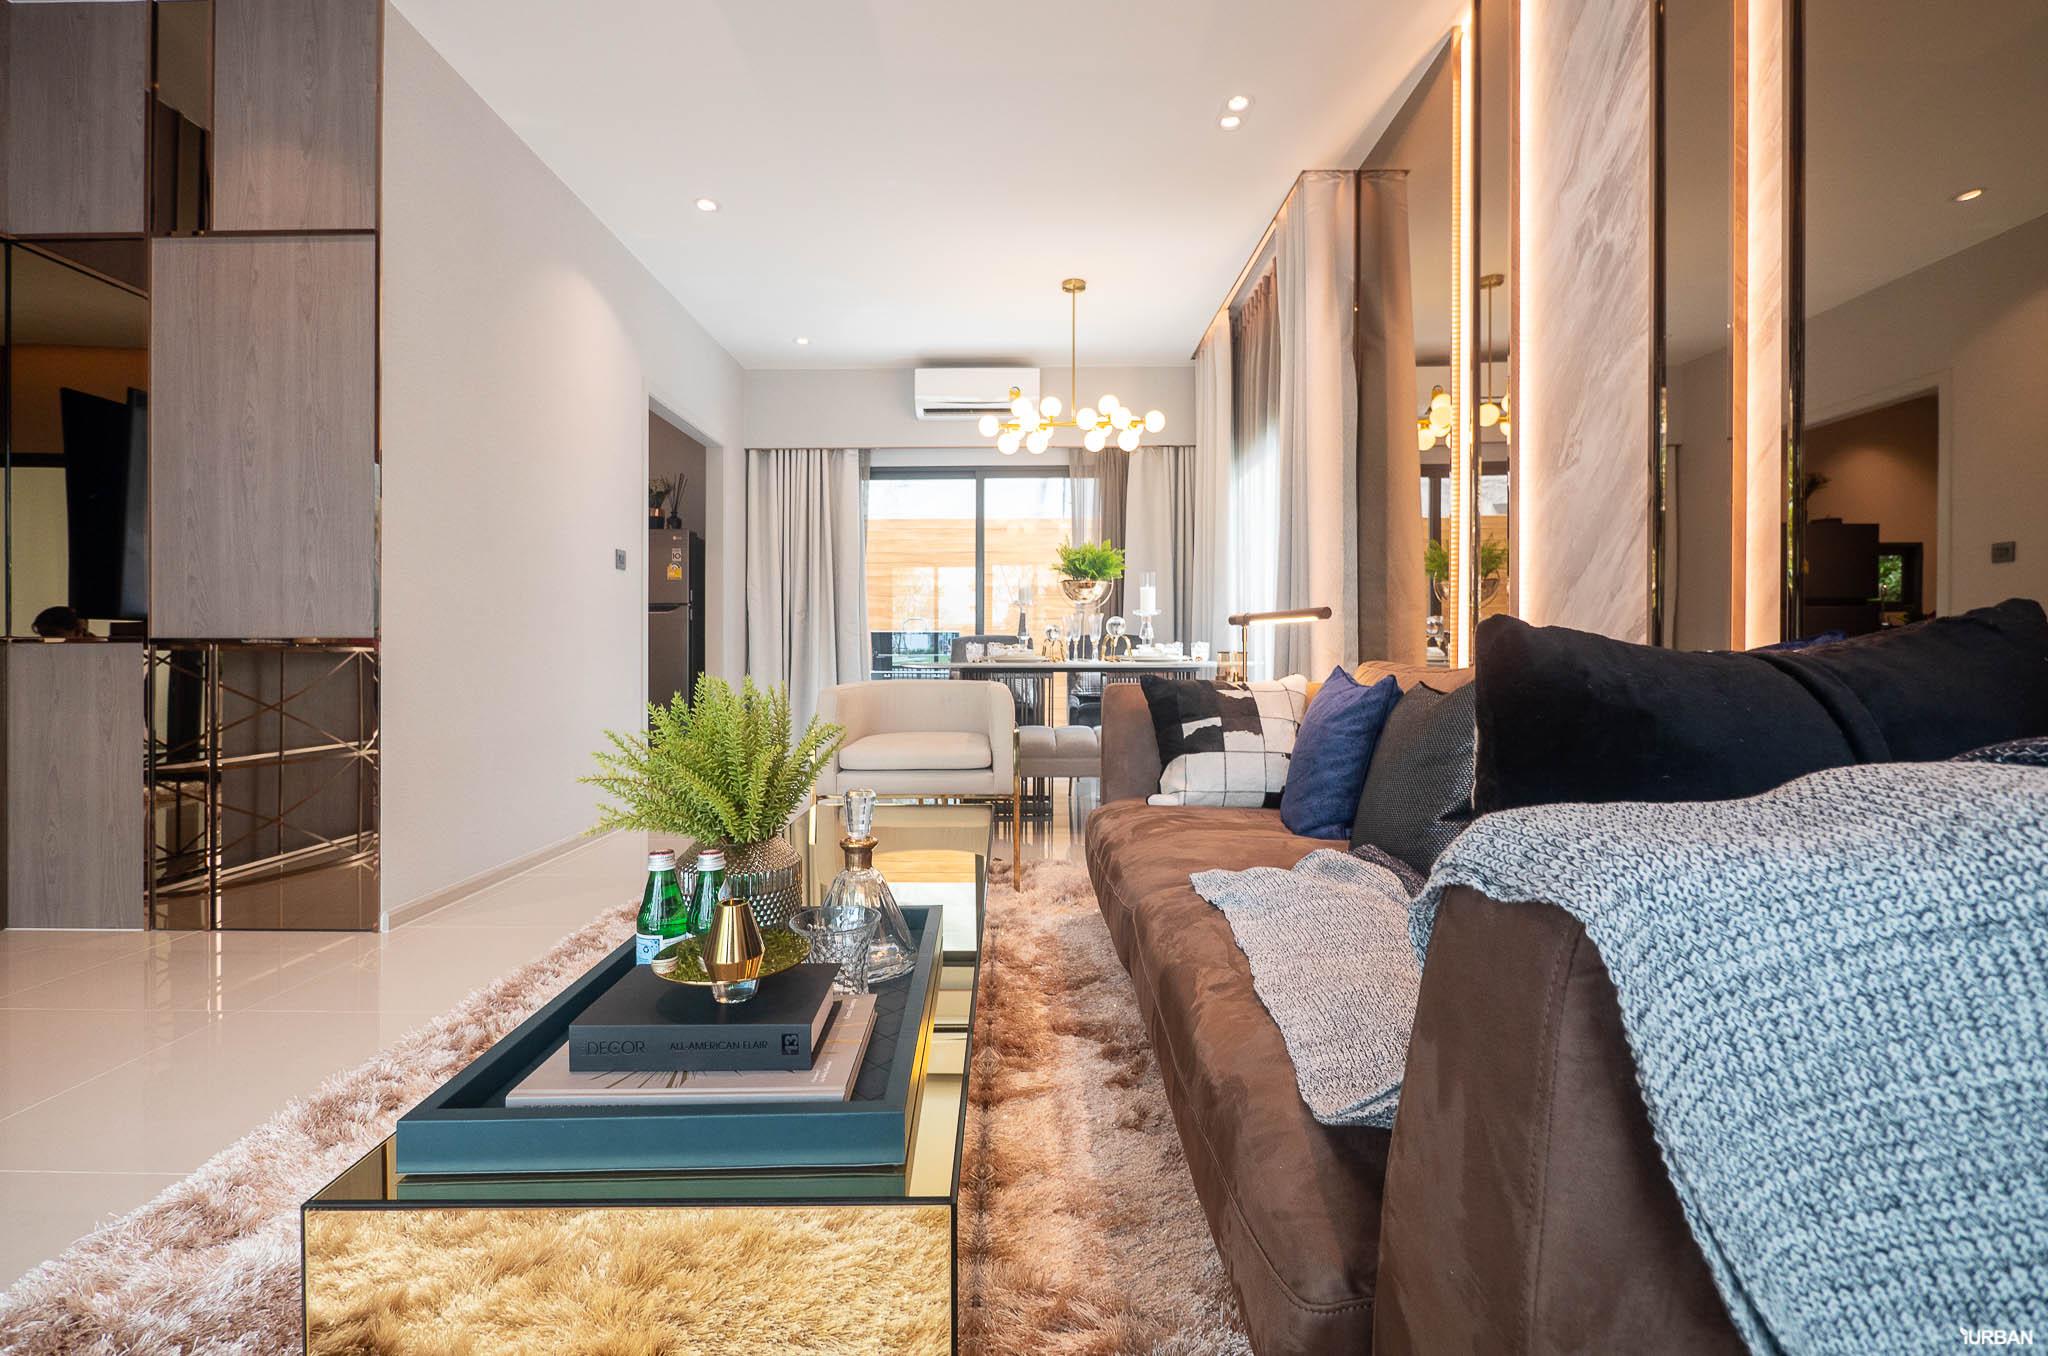 รีวิว URBANIO วิภาวดี-แจ้งวัฒนะ พรีเมียมทาวน์โฮม 3 ชั้นสุดสวย ใกล้สถานี Interchange เริ่ม 5.59 ล้าน จาก Ananda 32 - Premium